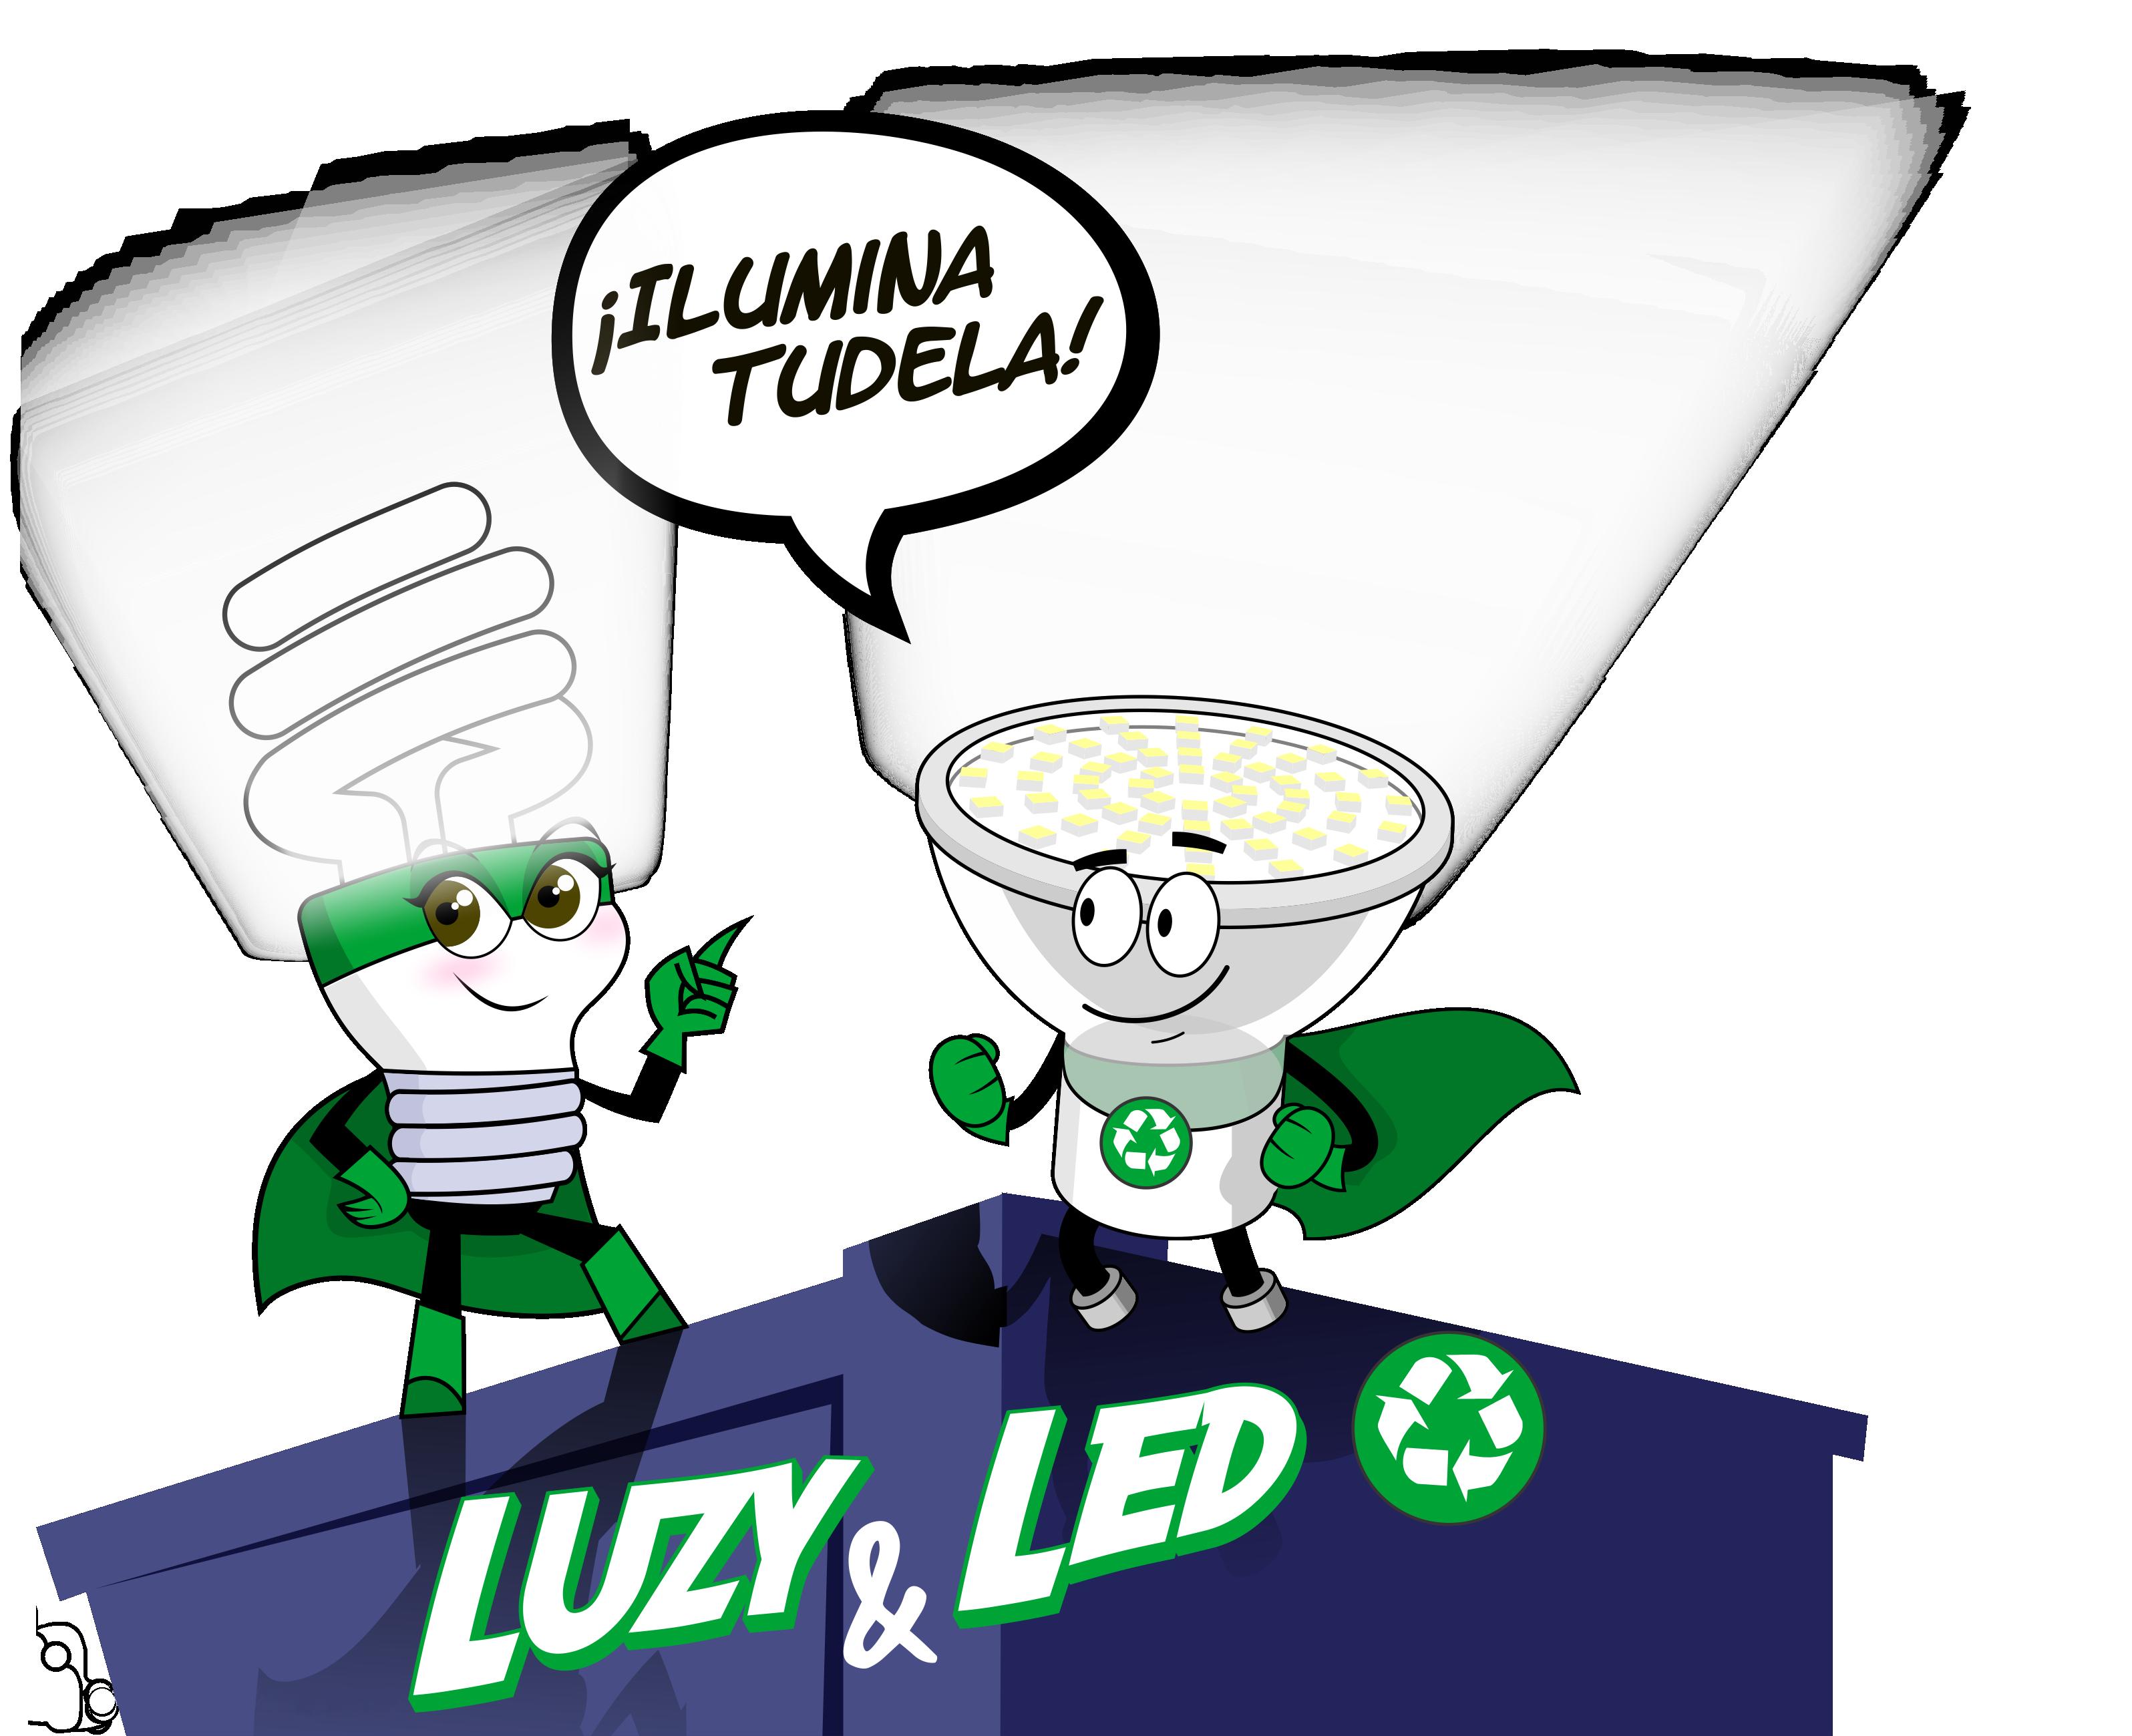 luzy y led_RGB_fondo transparente